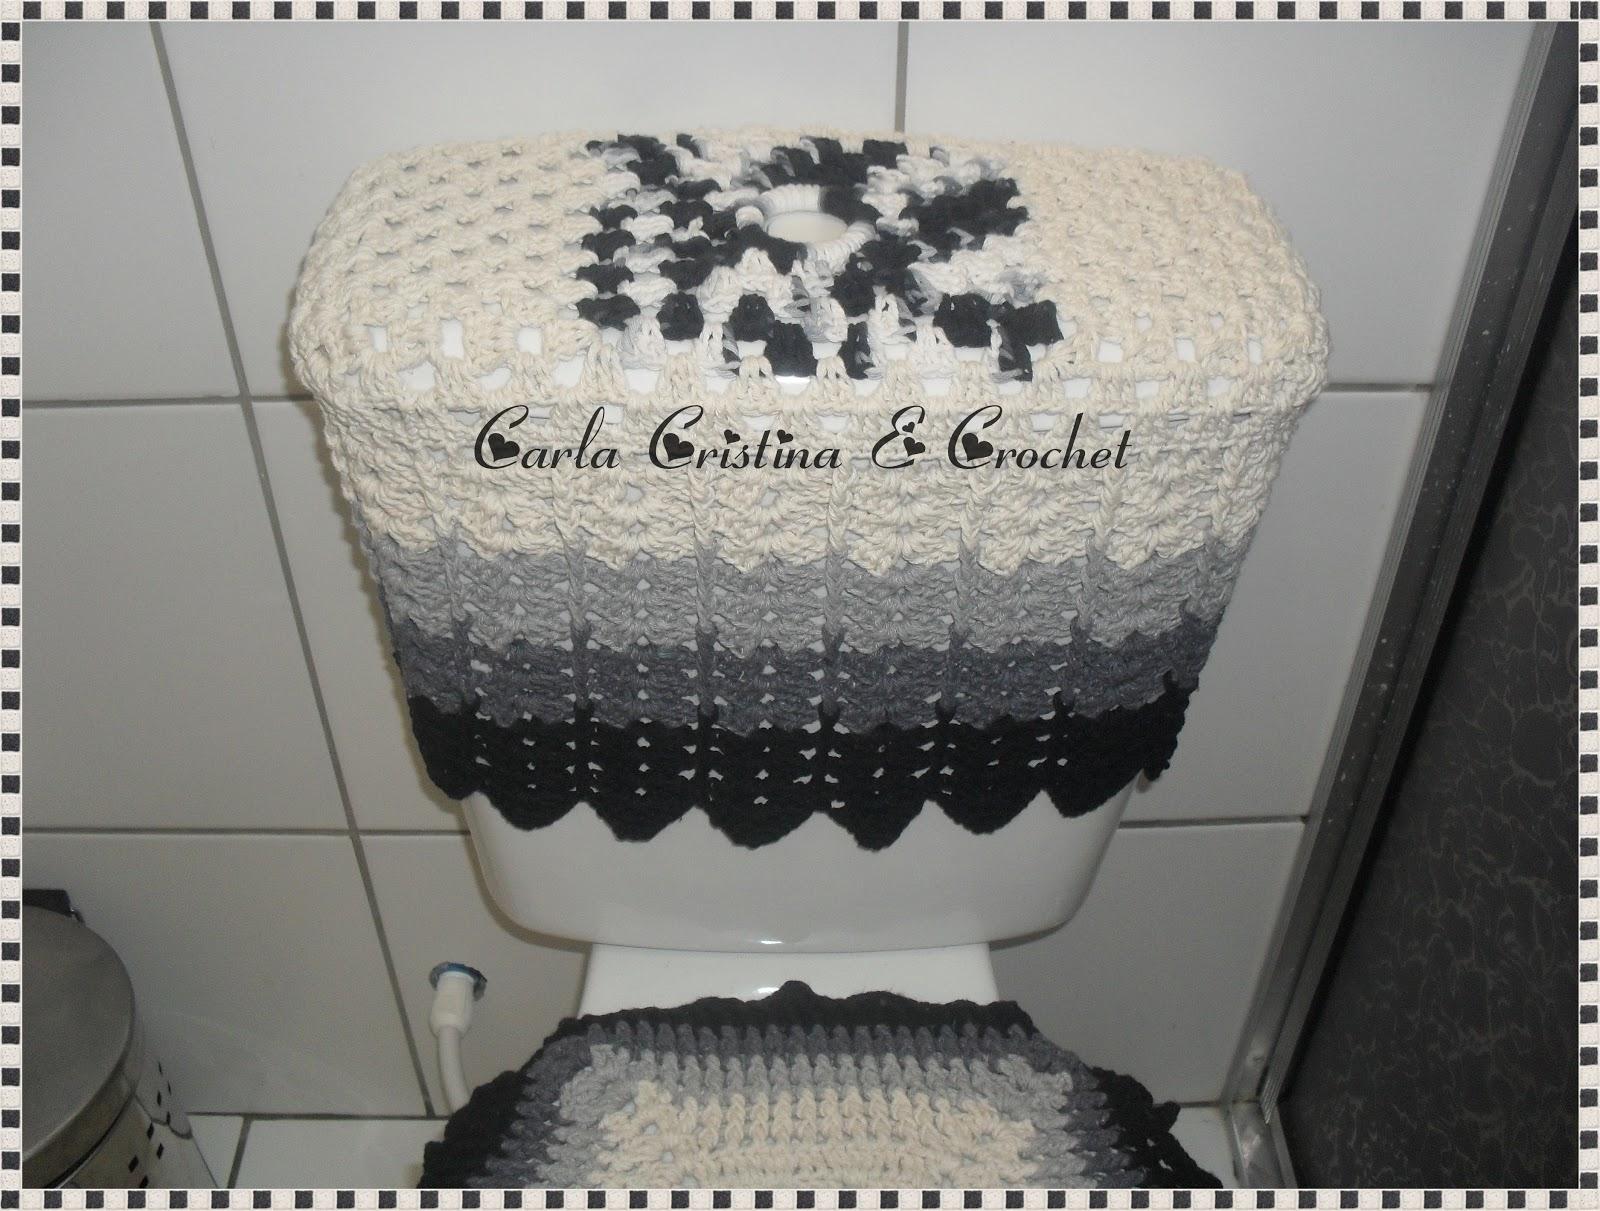 Carla Cristina & Crochet: Conjunto em Crochê Degradê Preto #70695B 1600x1211 Banheiro Acessível Com Caixa Acoplada